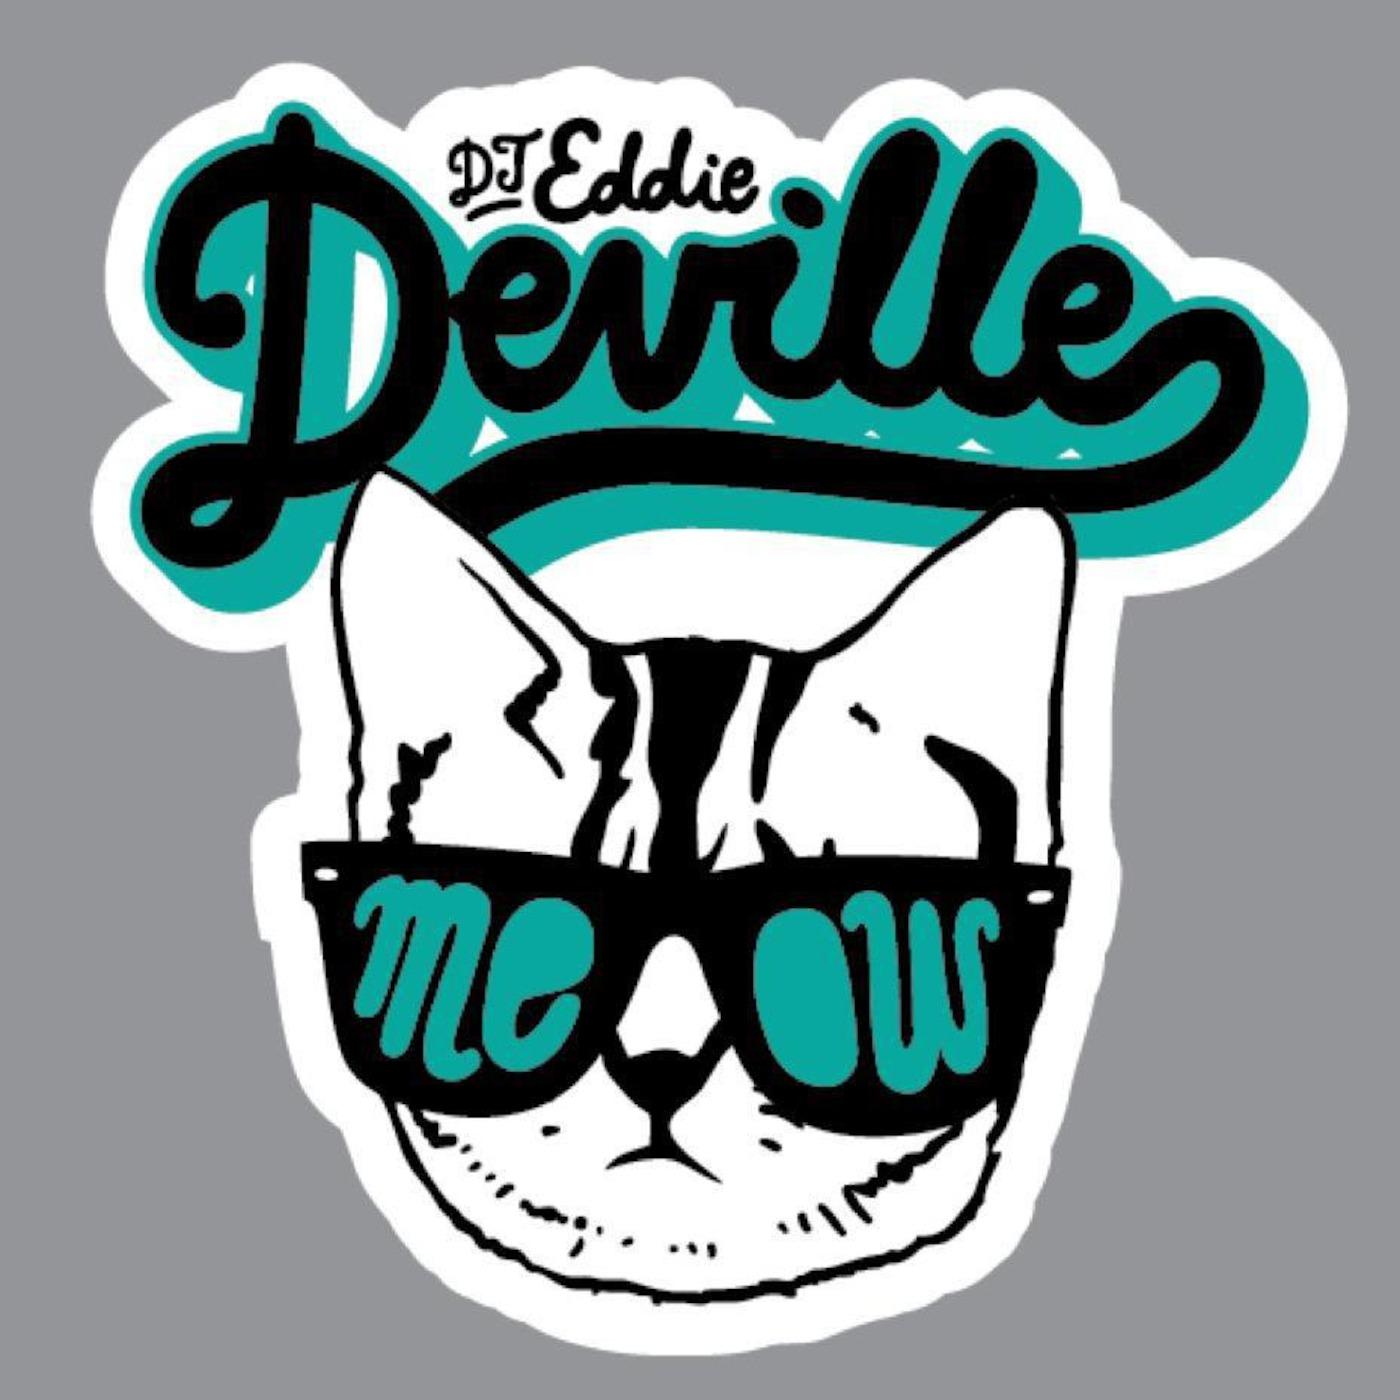 Dj Eddie Deville Podcast